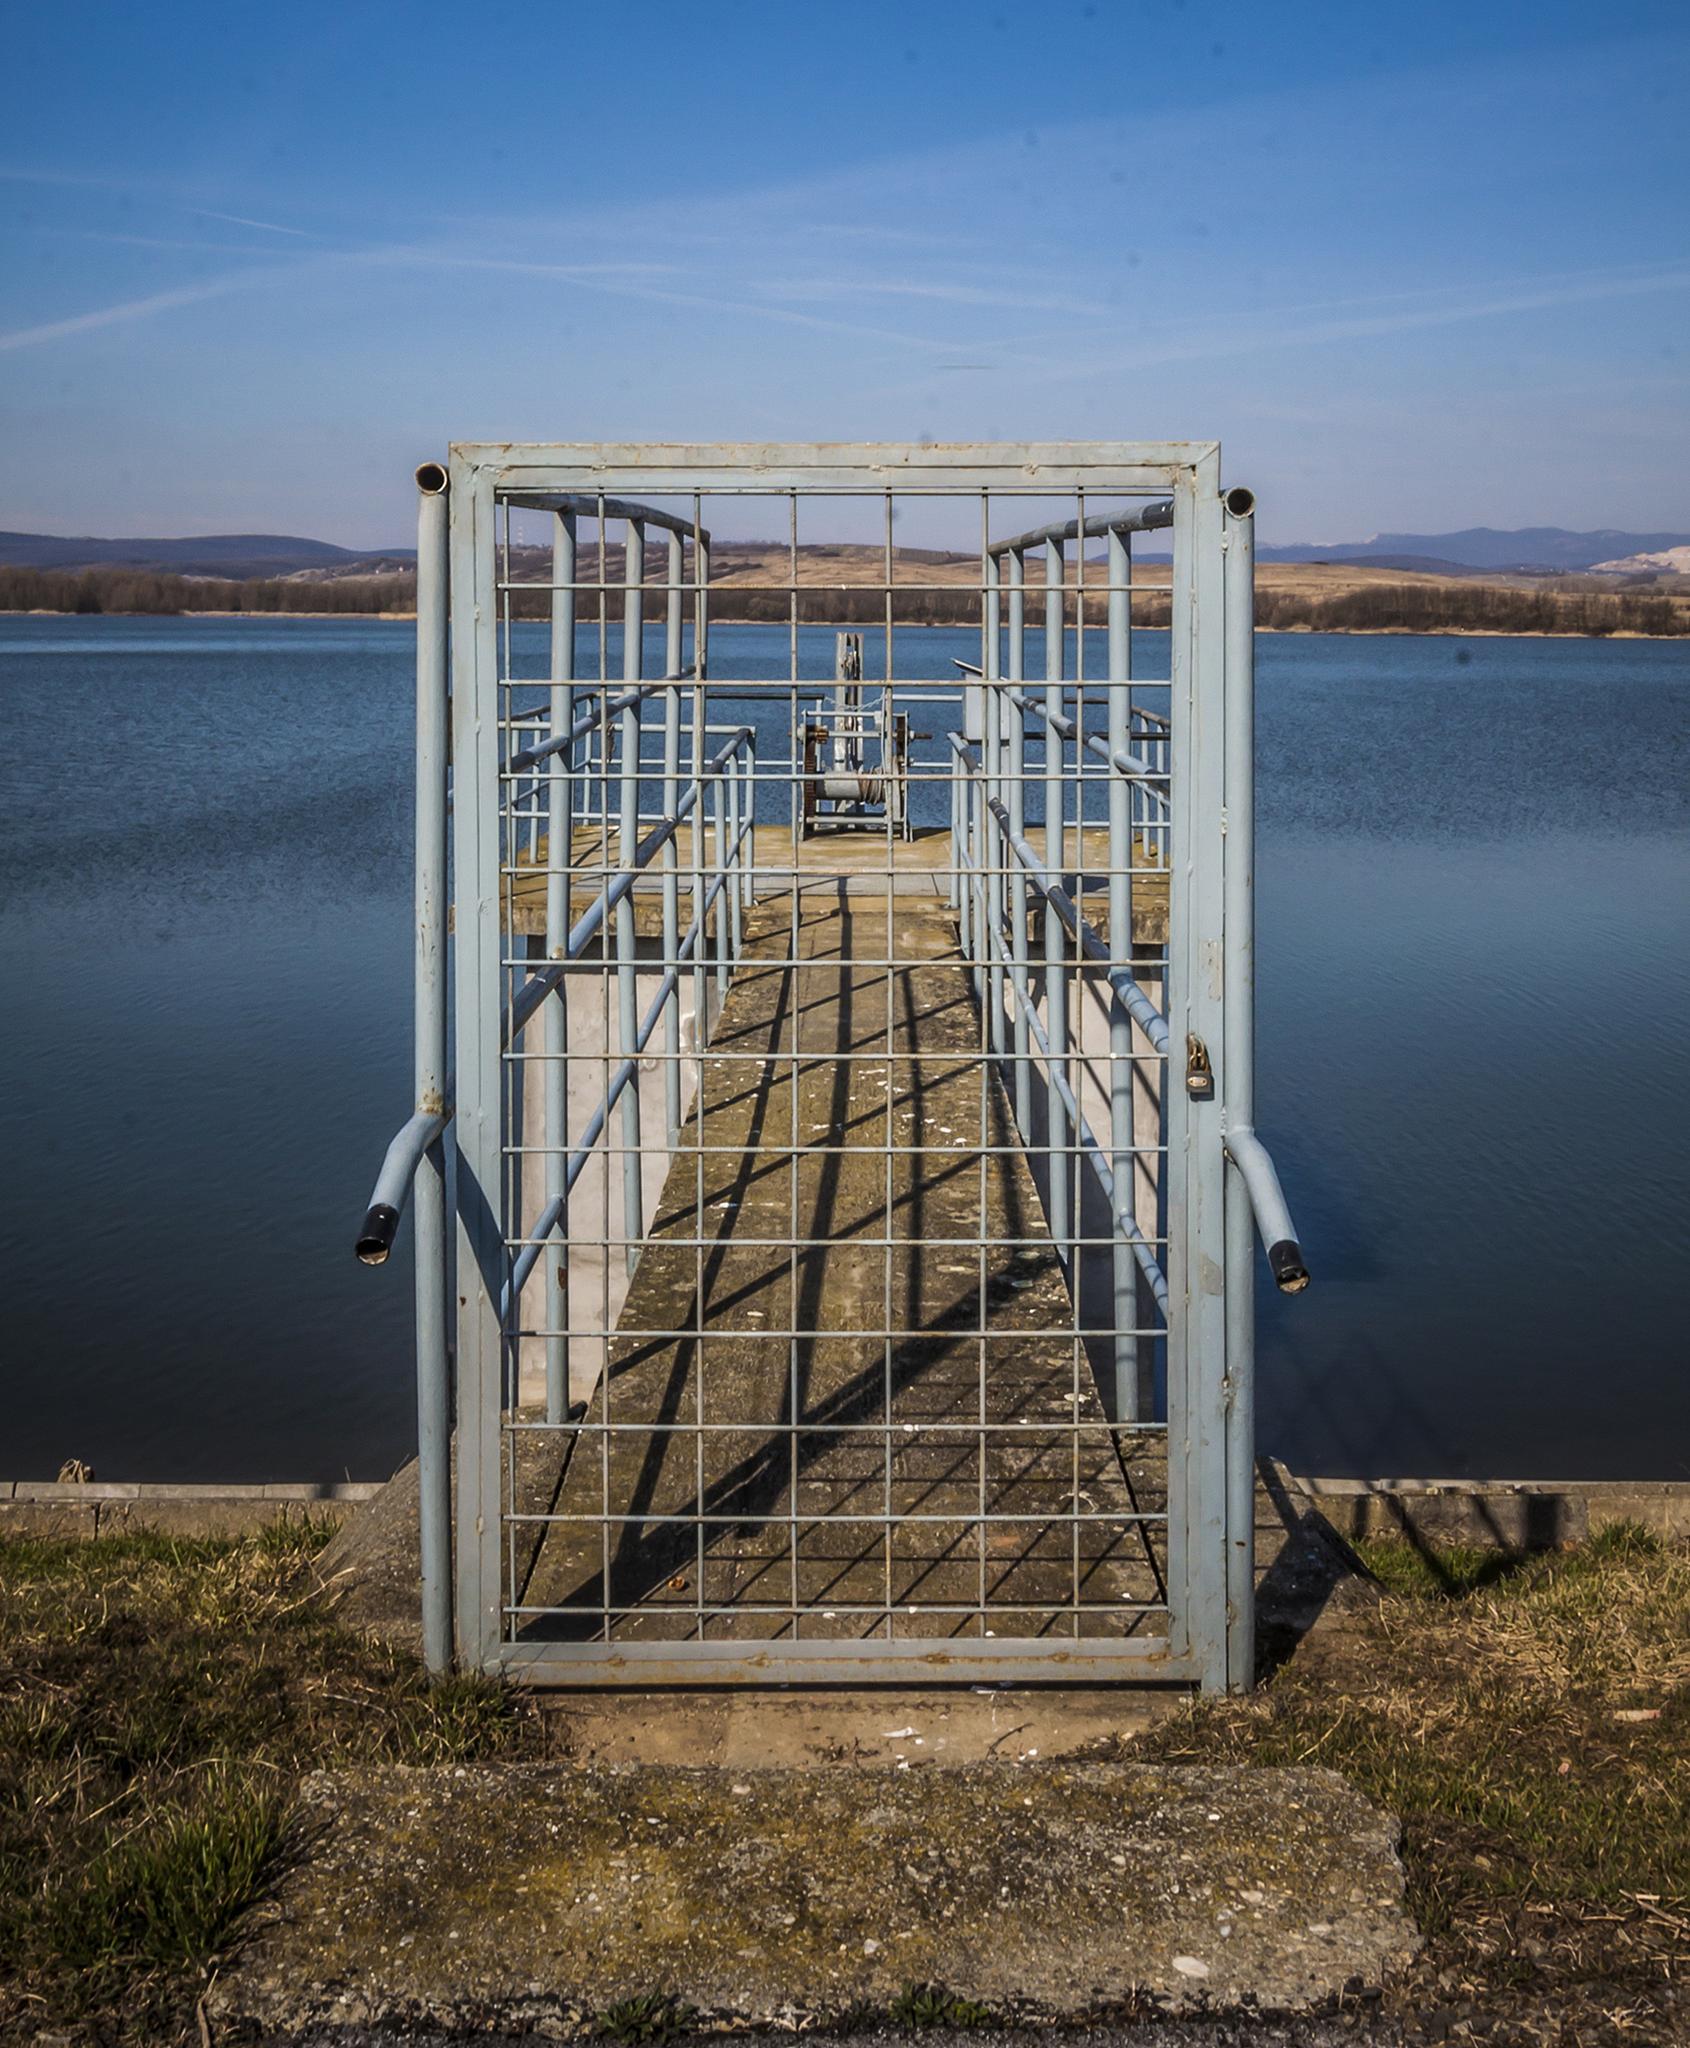 Gate by DanielMagyar